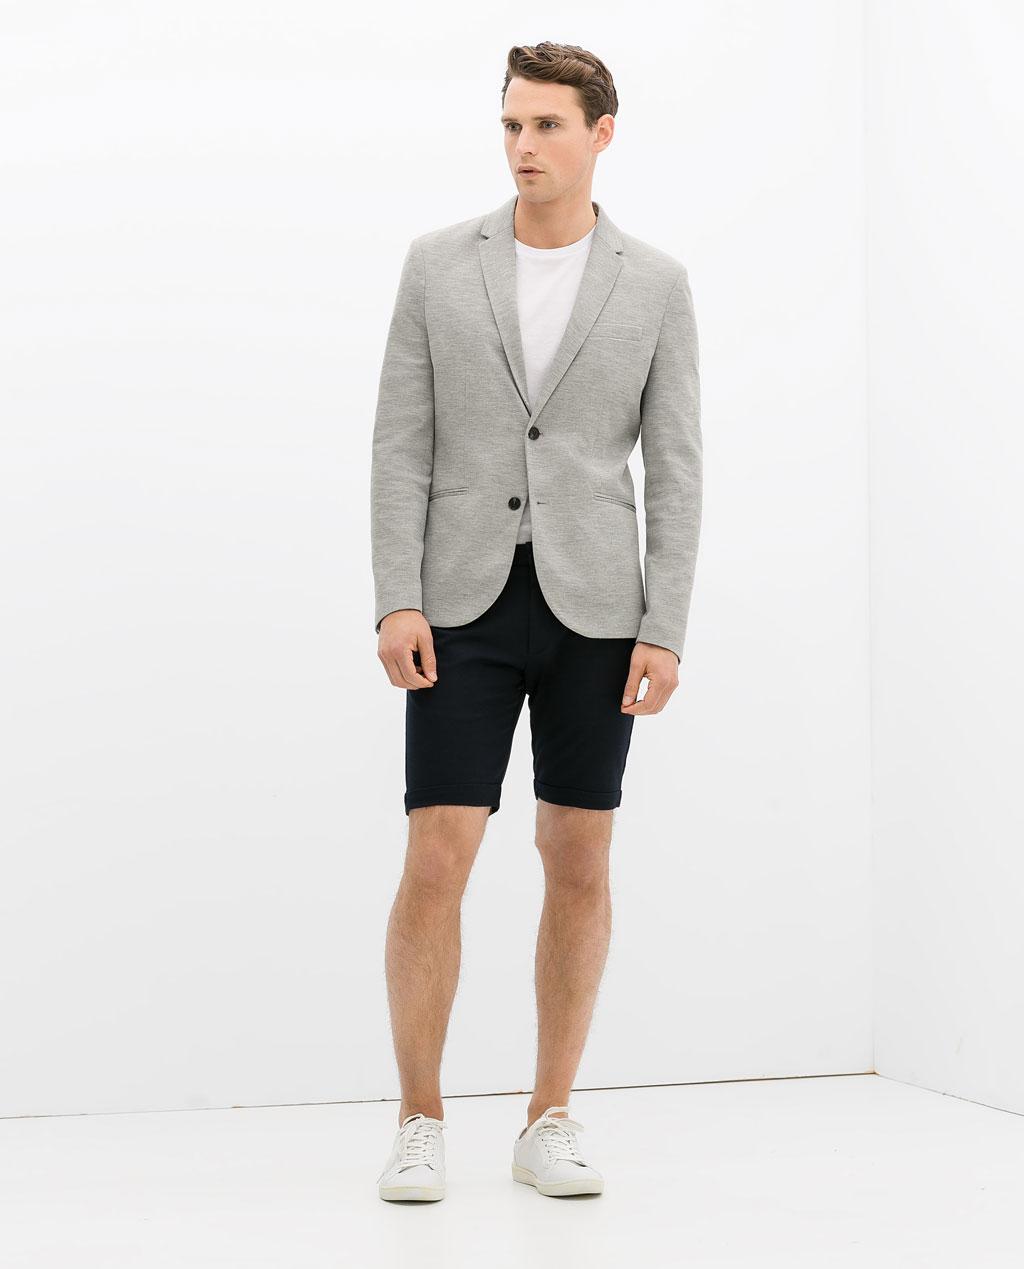 dettagliare design senza tempo presentando Zara Uomo estate 2014: proposte moda uomo low cost